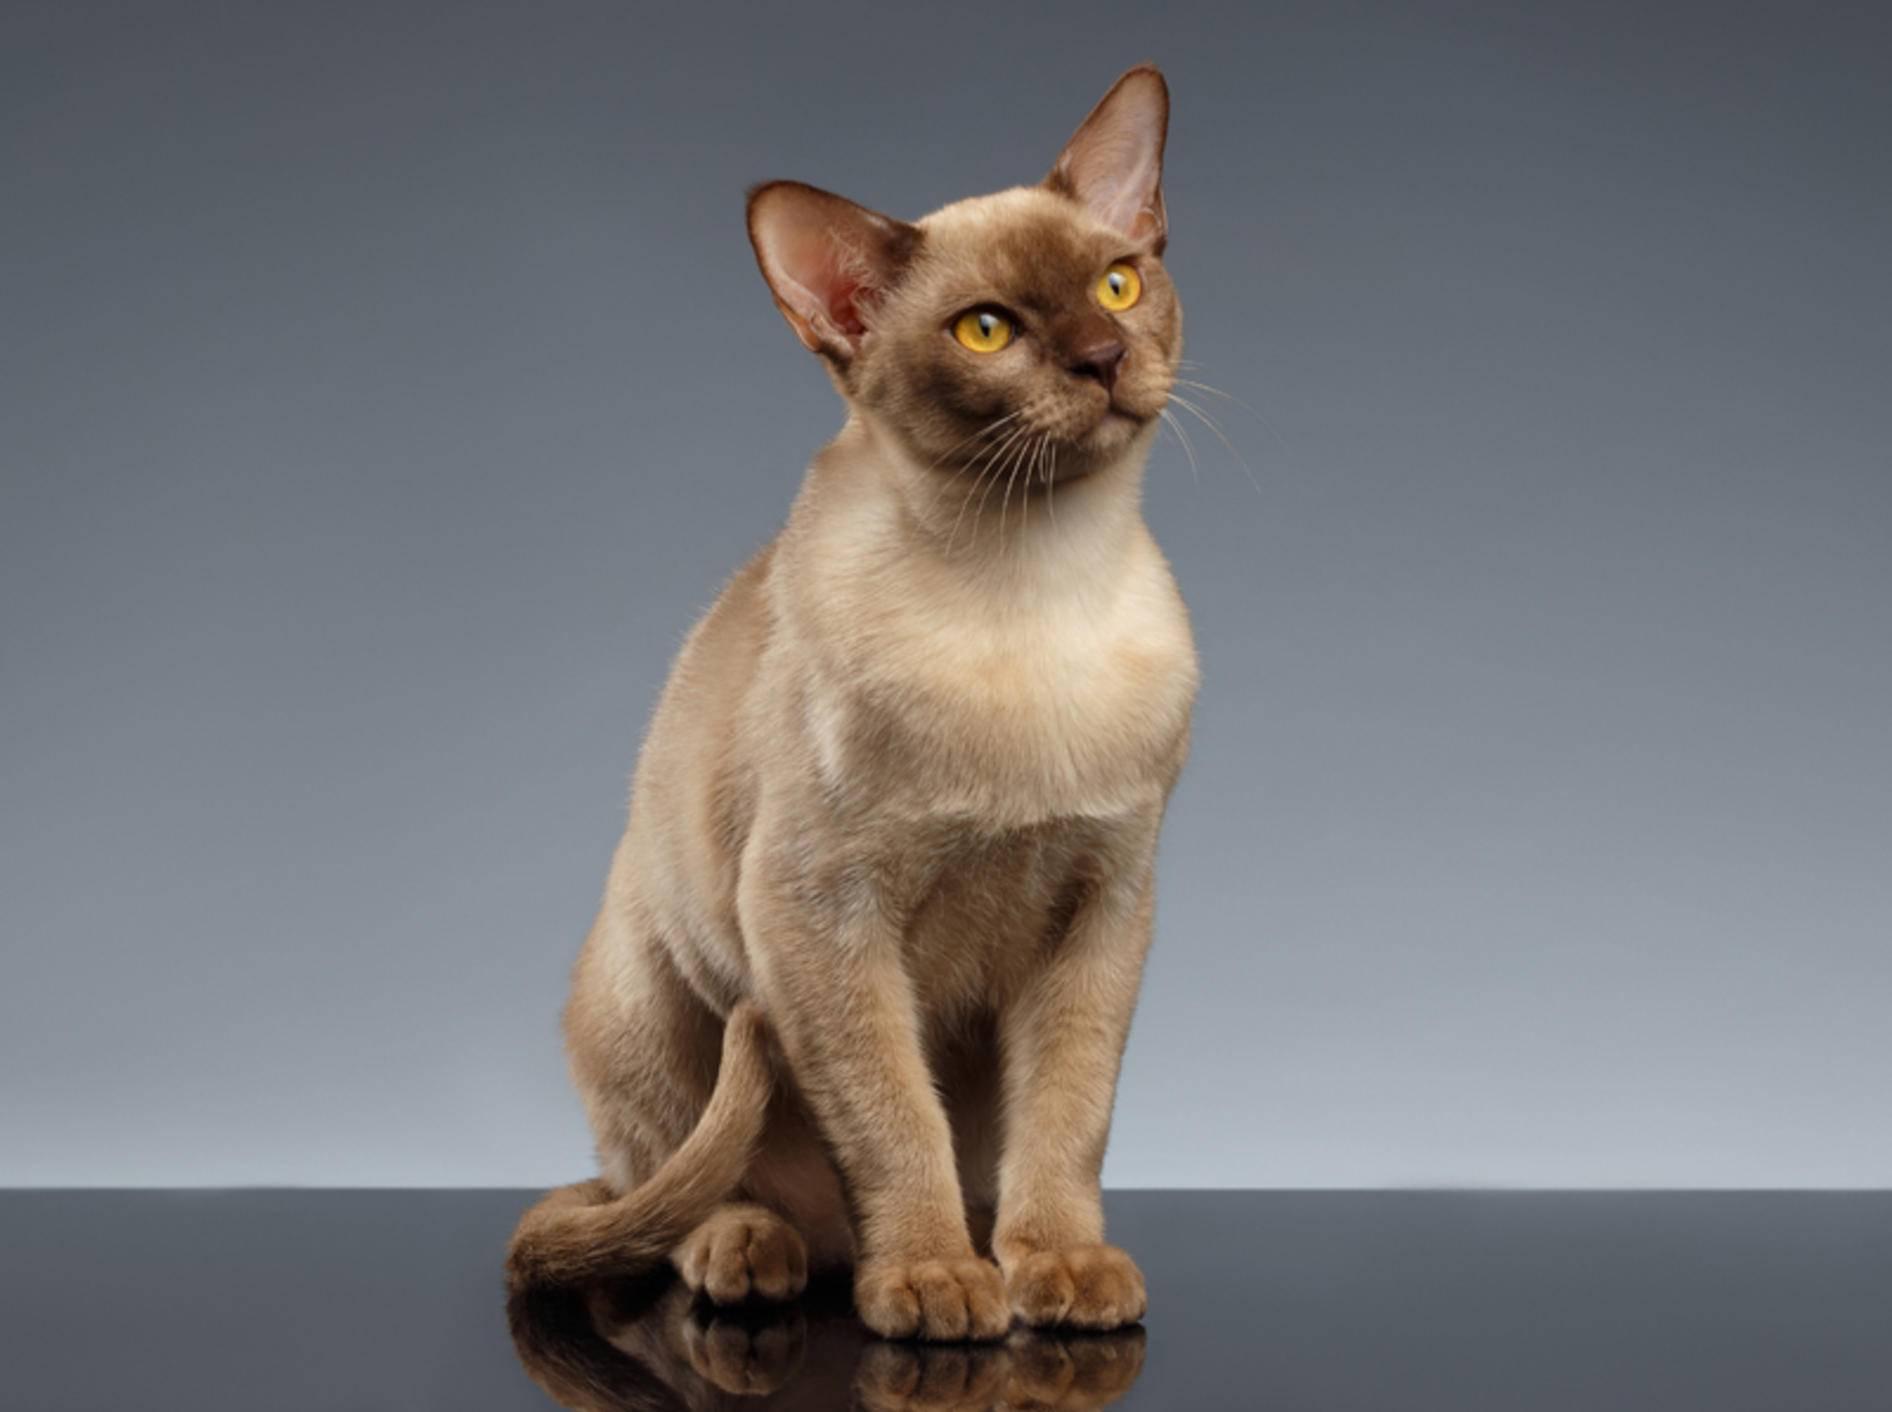 Die bezaubernde Burma-Katze ist in der Regel nicht anfällig für Krankheiten – Shutterstock / Seregraff